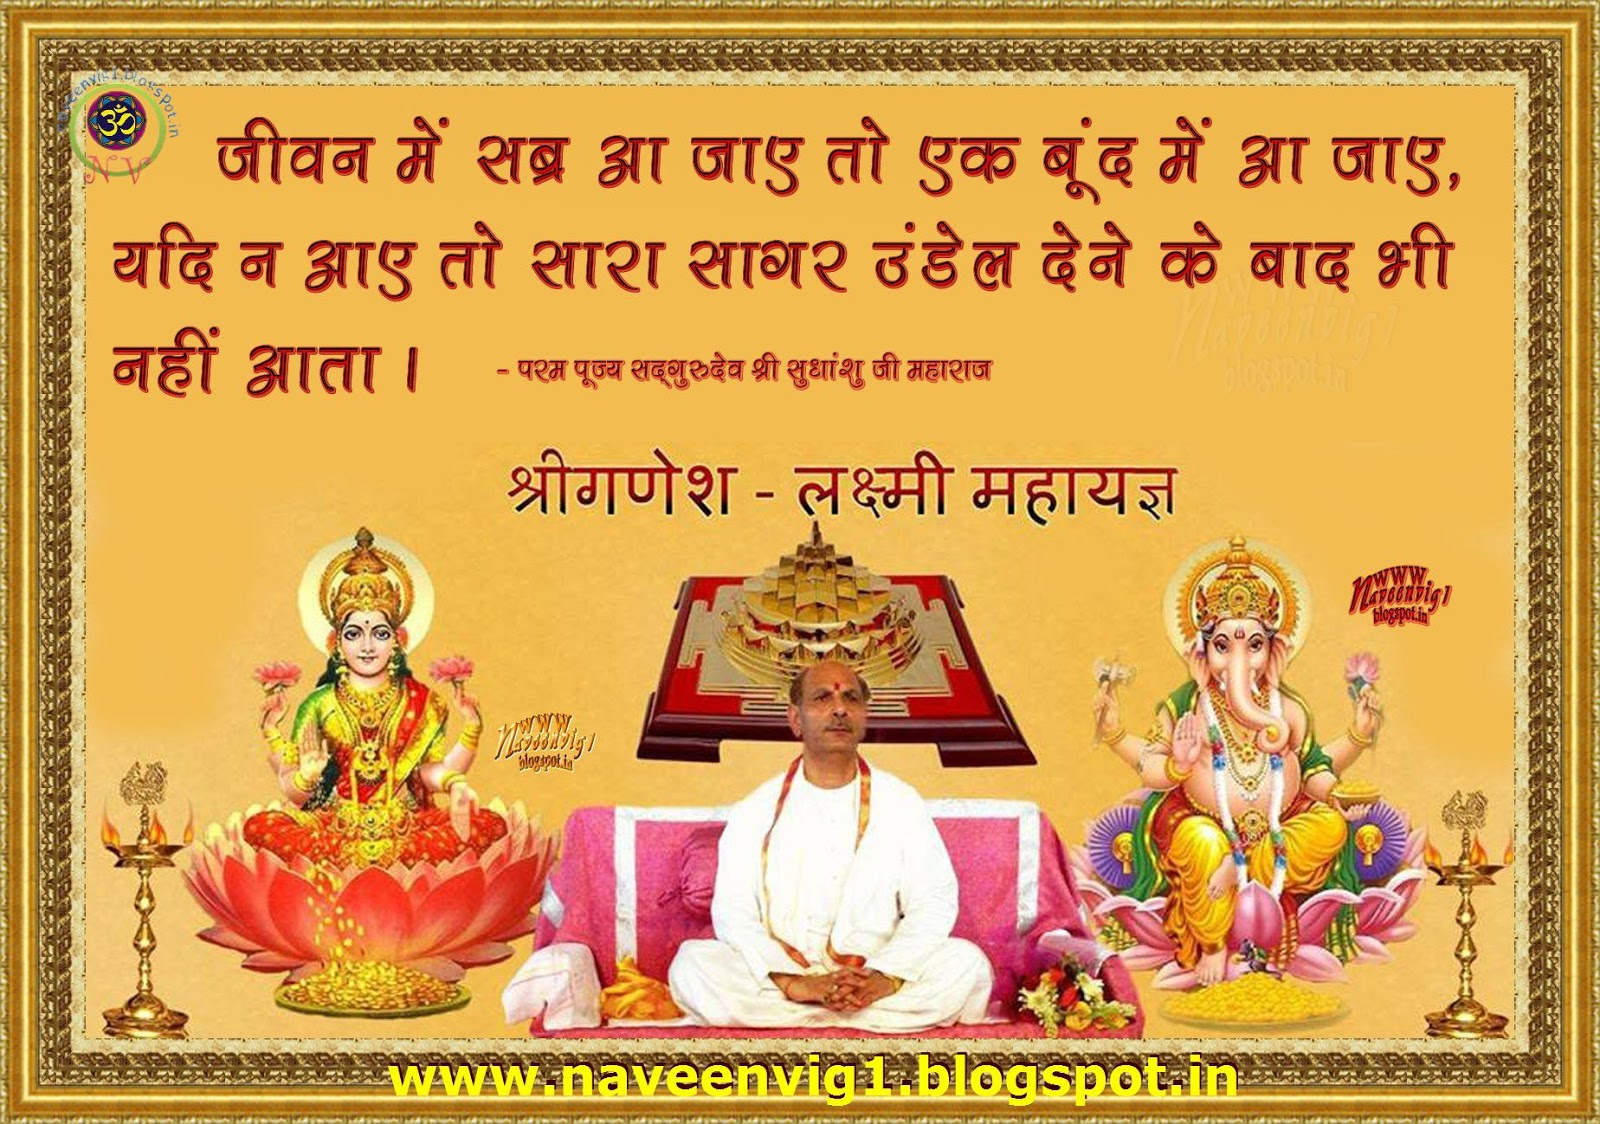 param pujya sudhanshu ji maharaj,dehradun: 5551– param pujya